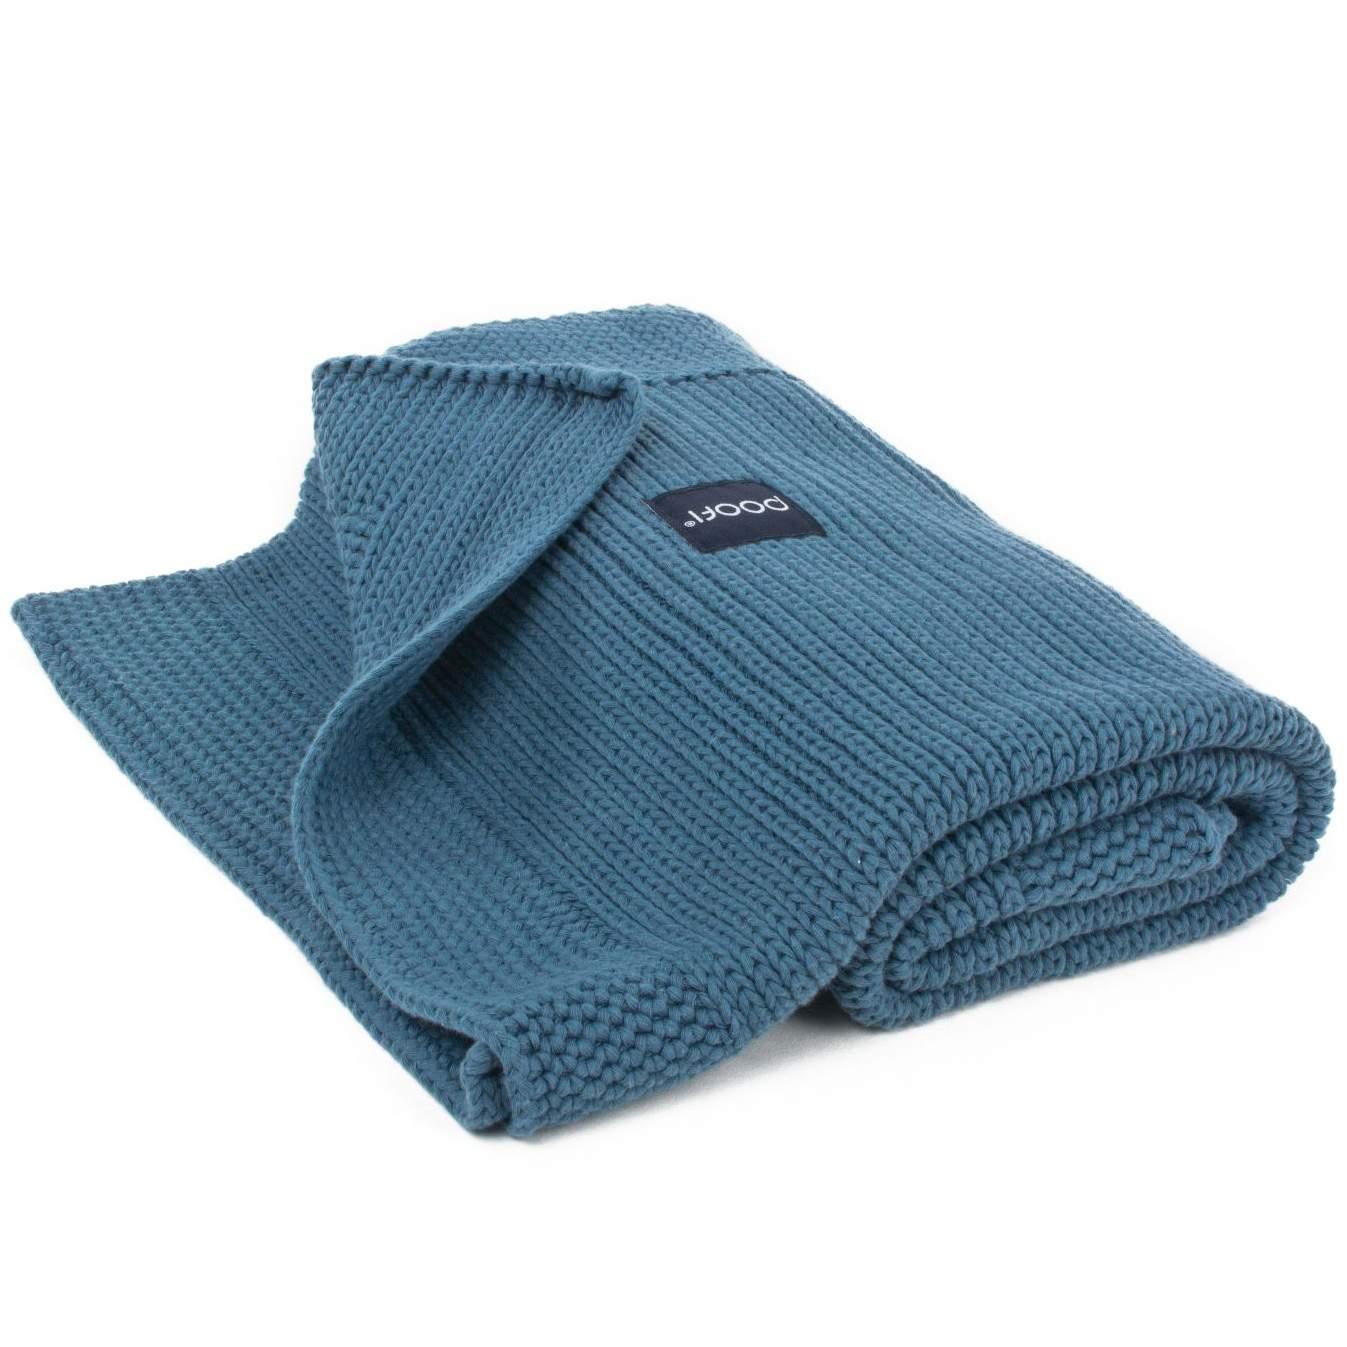 Gestrickte Decke, BioBaumwolle, denim blue